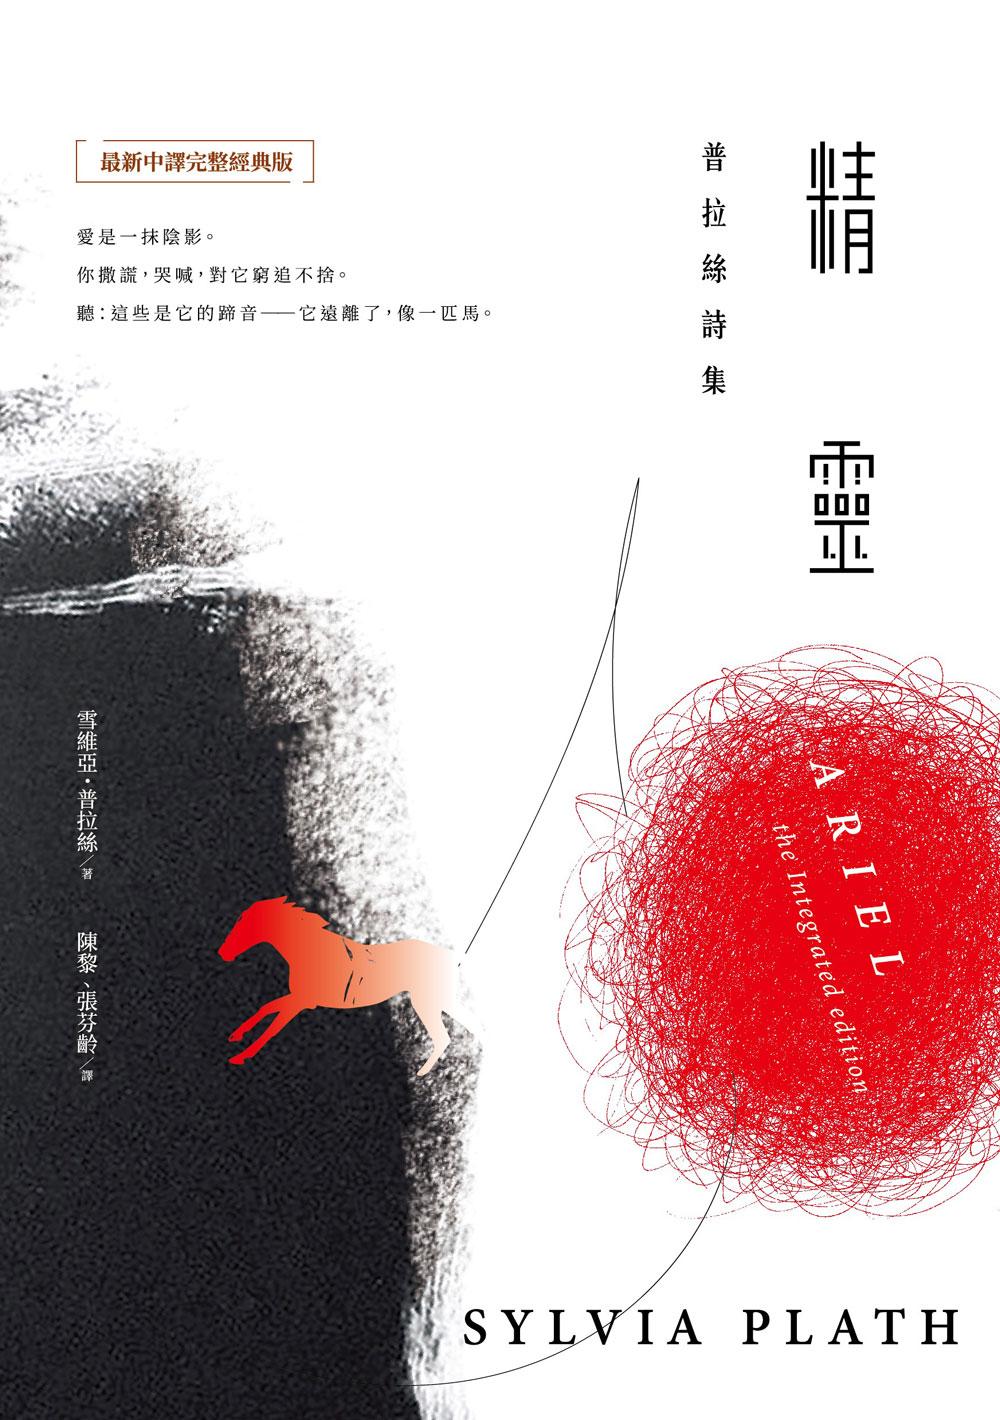 精靈:普拉絲詩集 (最新中譯完整經典版) (電子書)